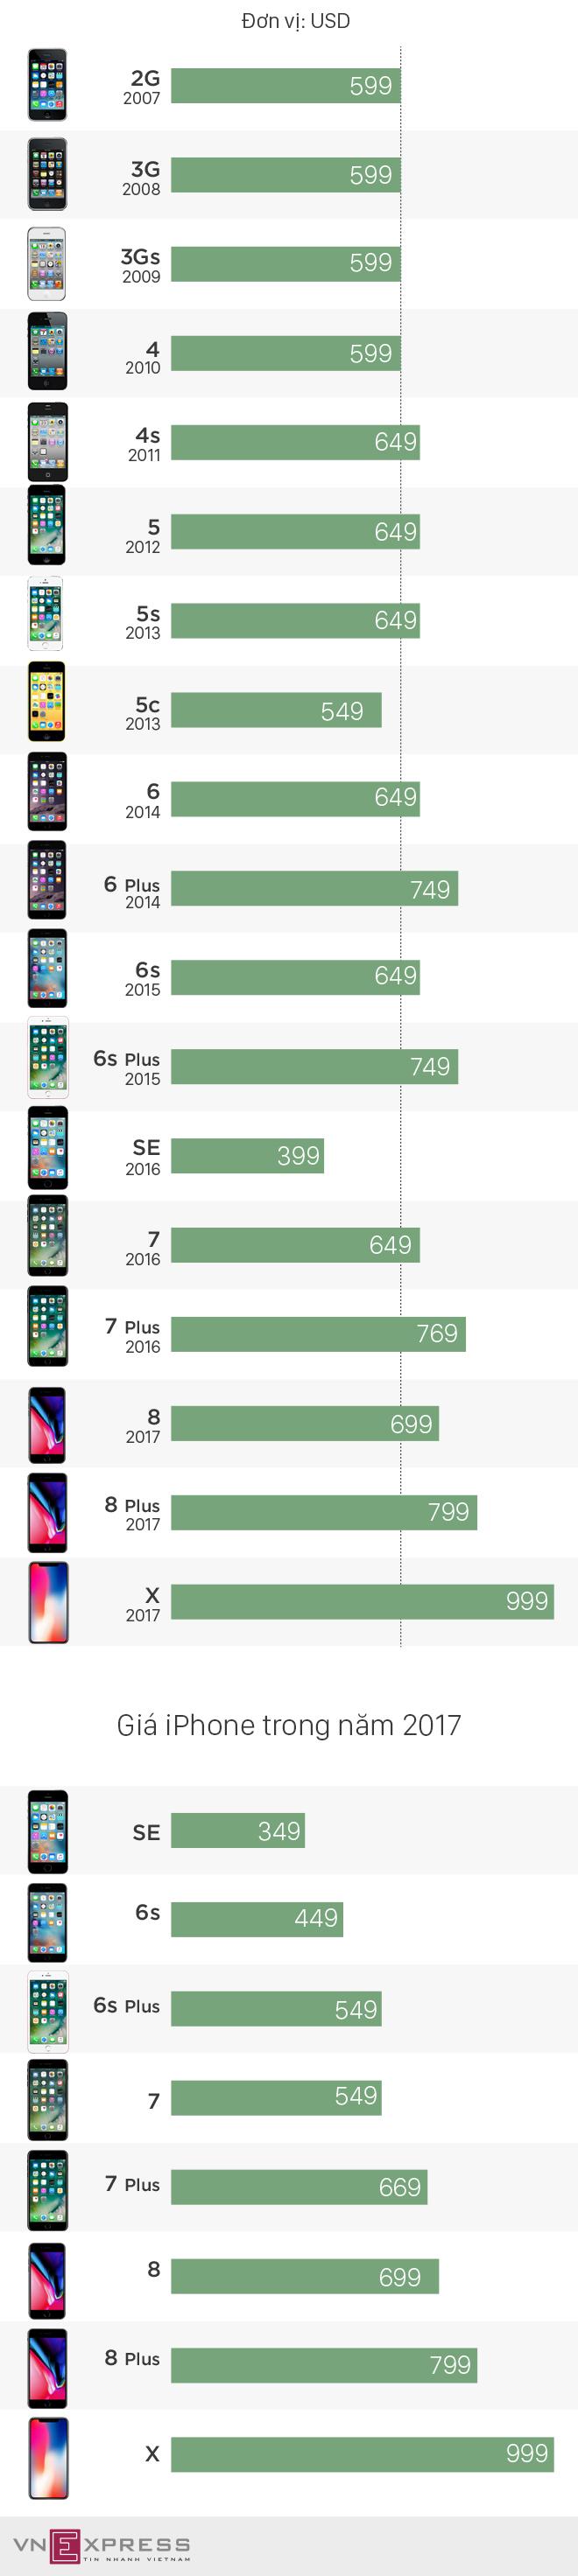 Giá iPhone thay đổi thế nào sau 10 năm